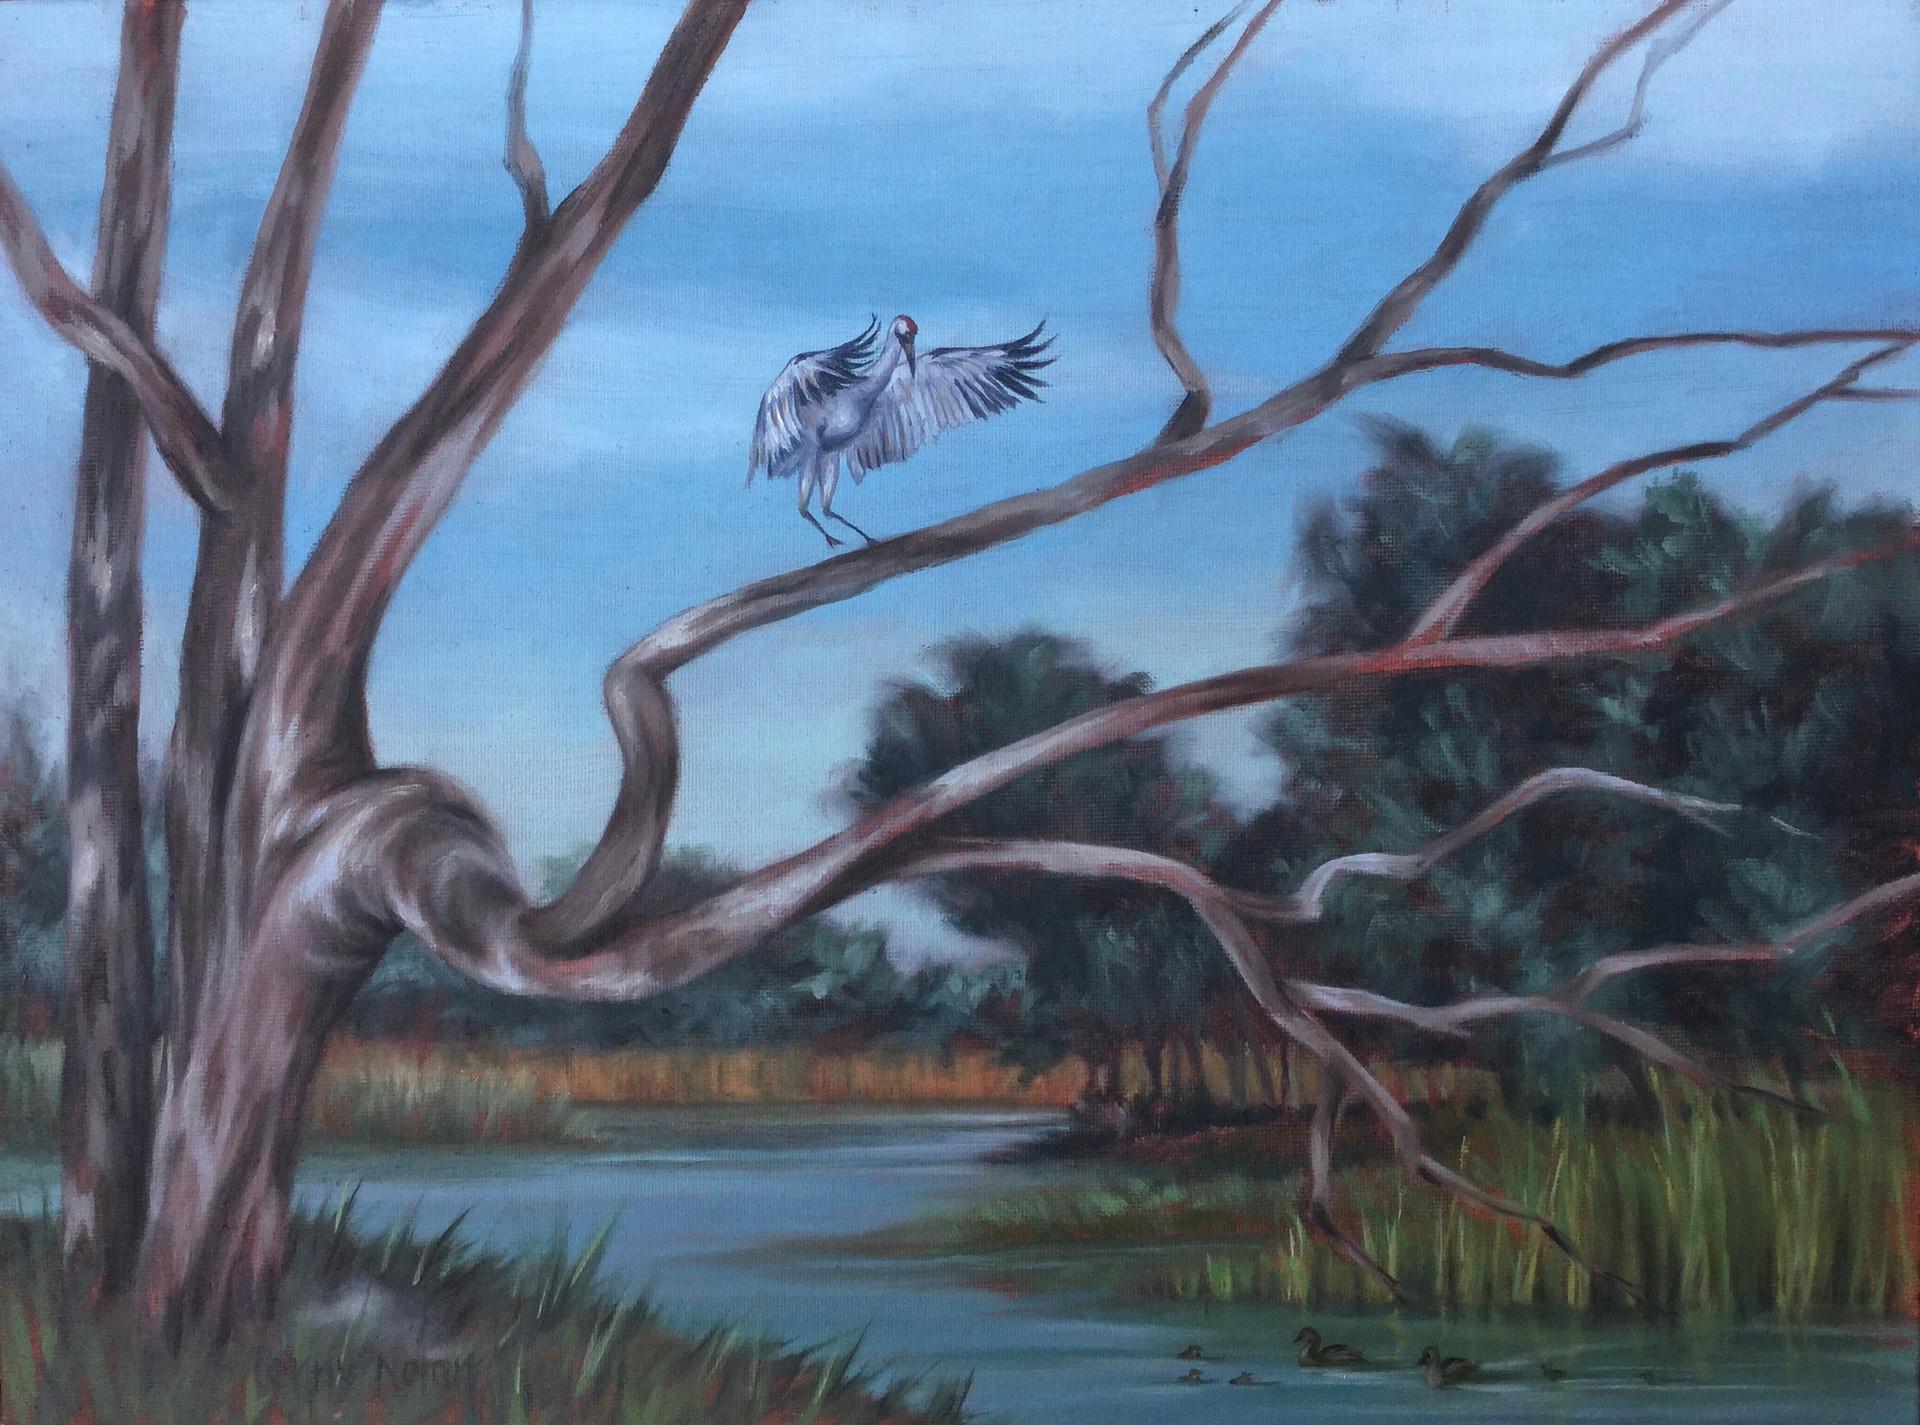 Ducking Under a Crane